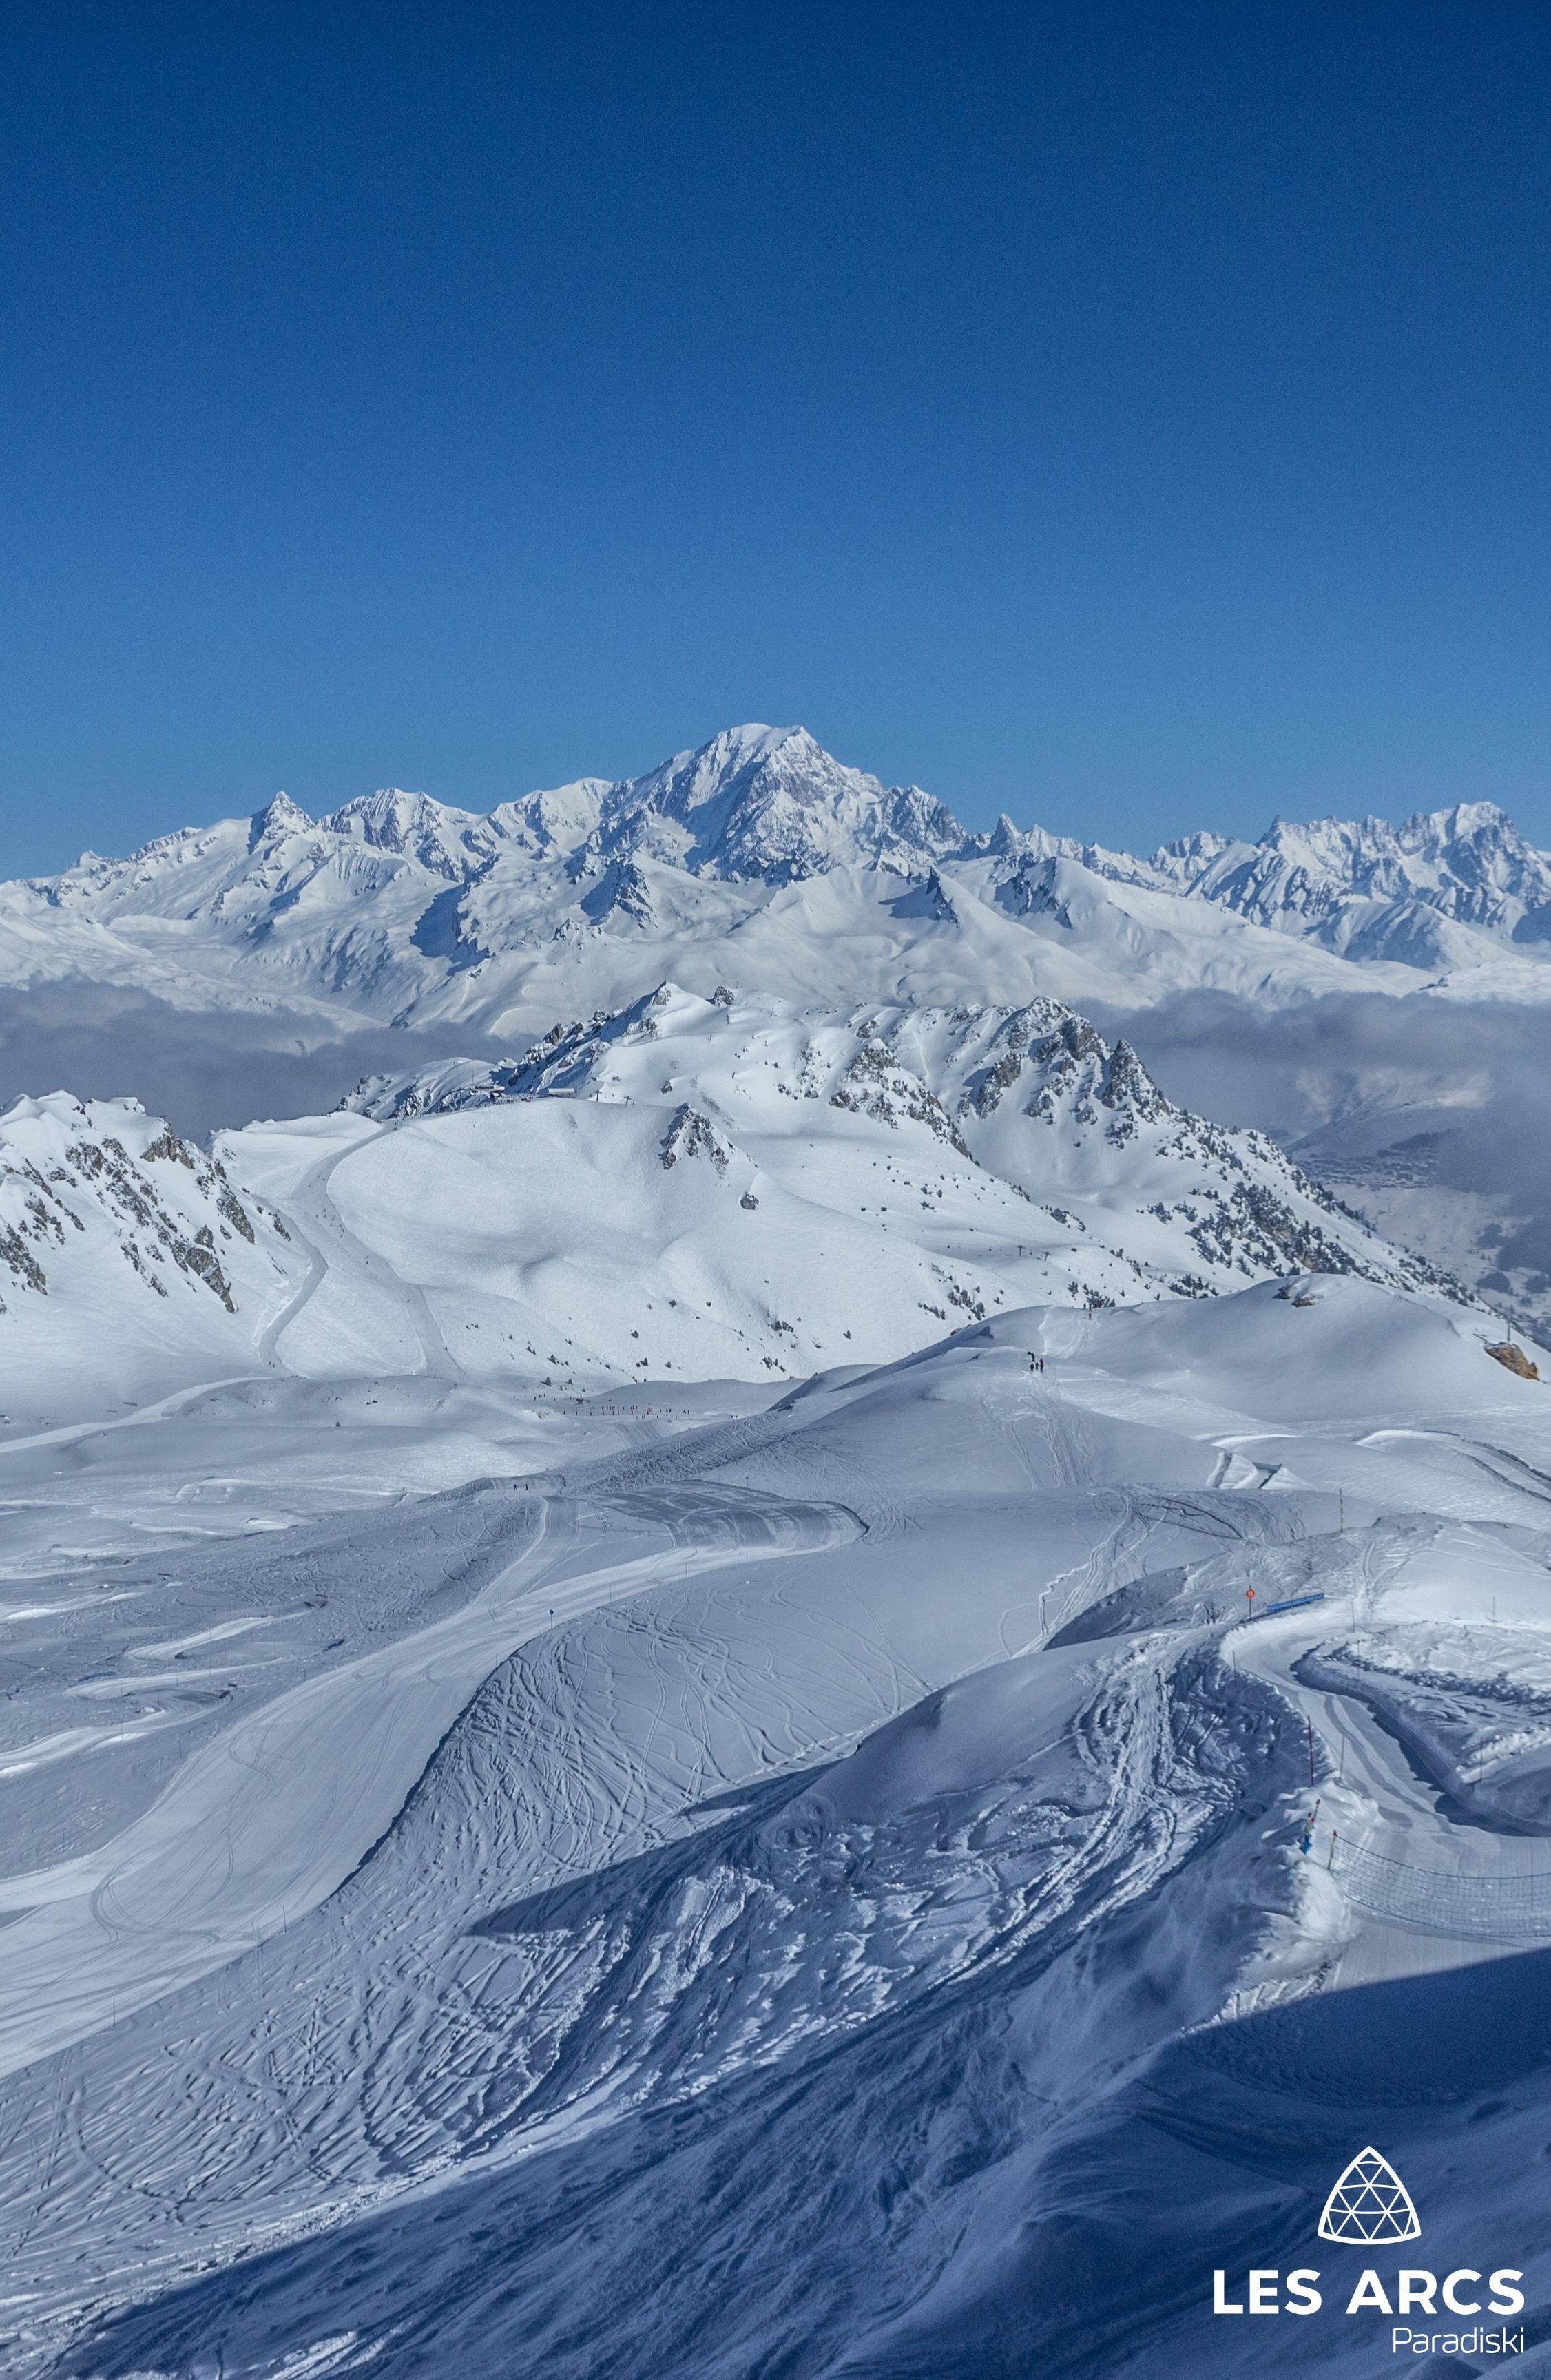 Skier Face Au Mont Blanc C Est Possible Aux Arcs Mountain Skiresort Station De Ski Fond Ecran Montagne Paysage Hiver